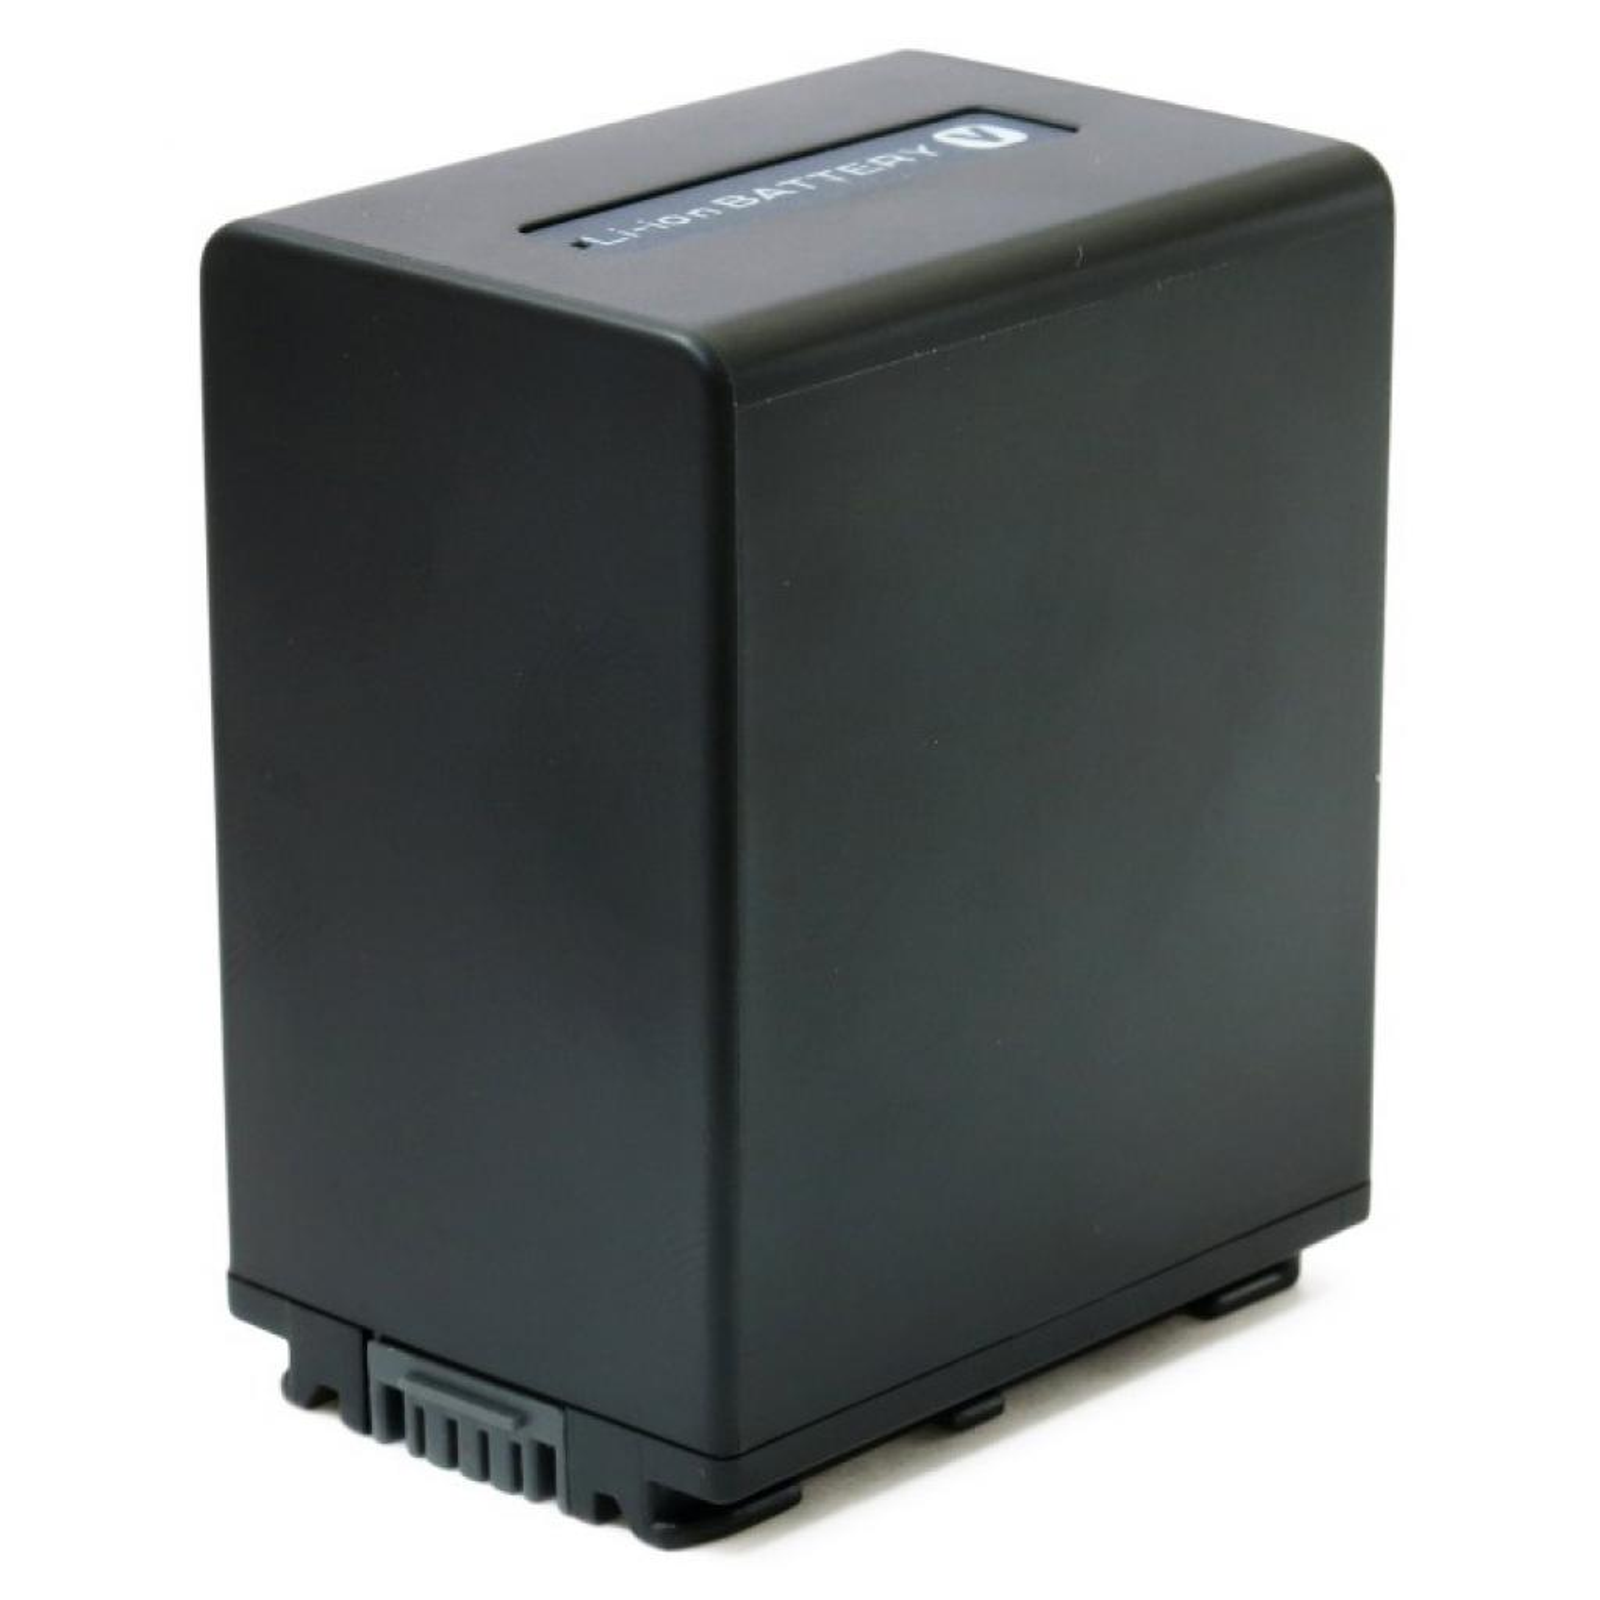 Аккумулятор к фото/видео EXTRADIGITAL Sony NP-FV100 (BDS2674 / DV00DV1271) изображение 4